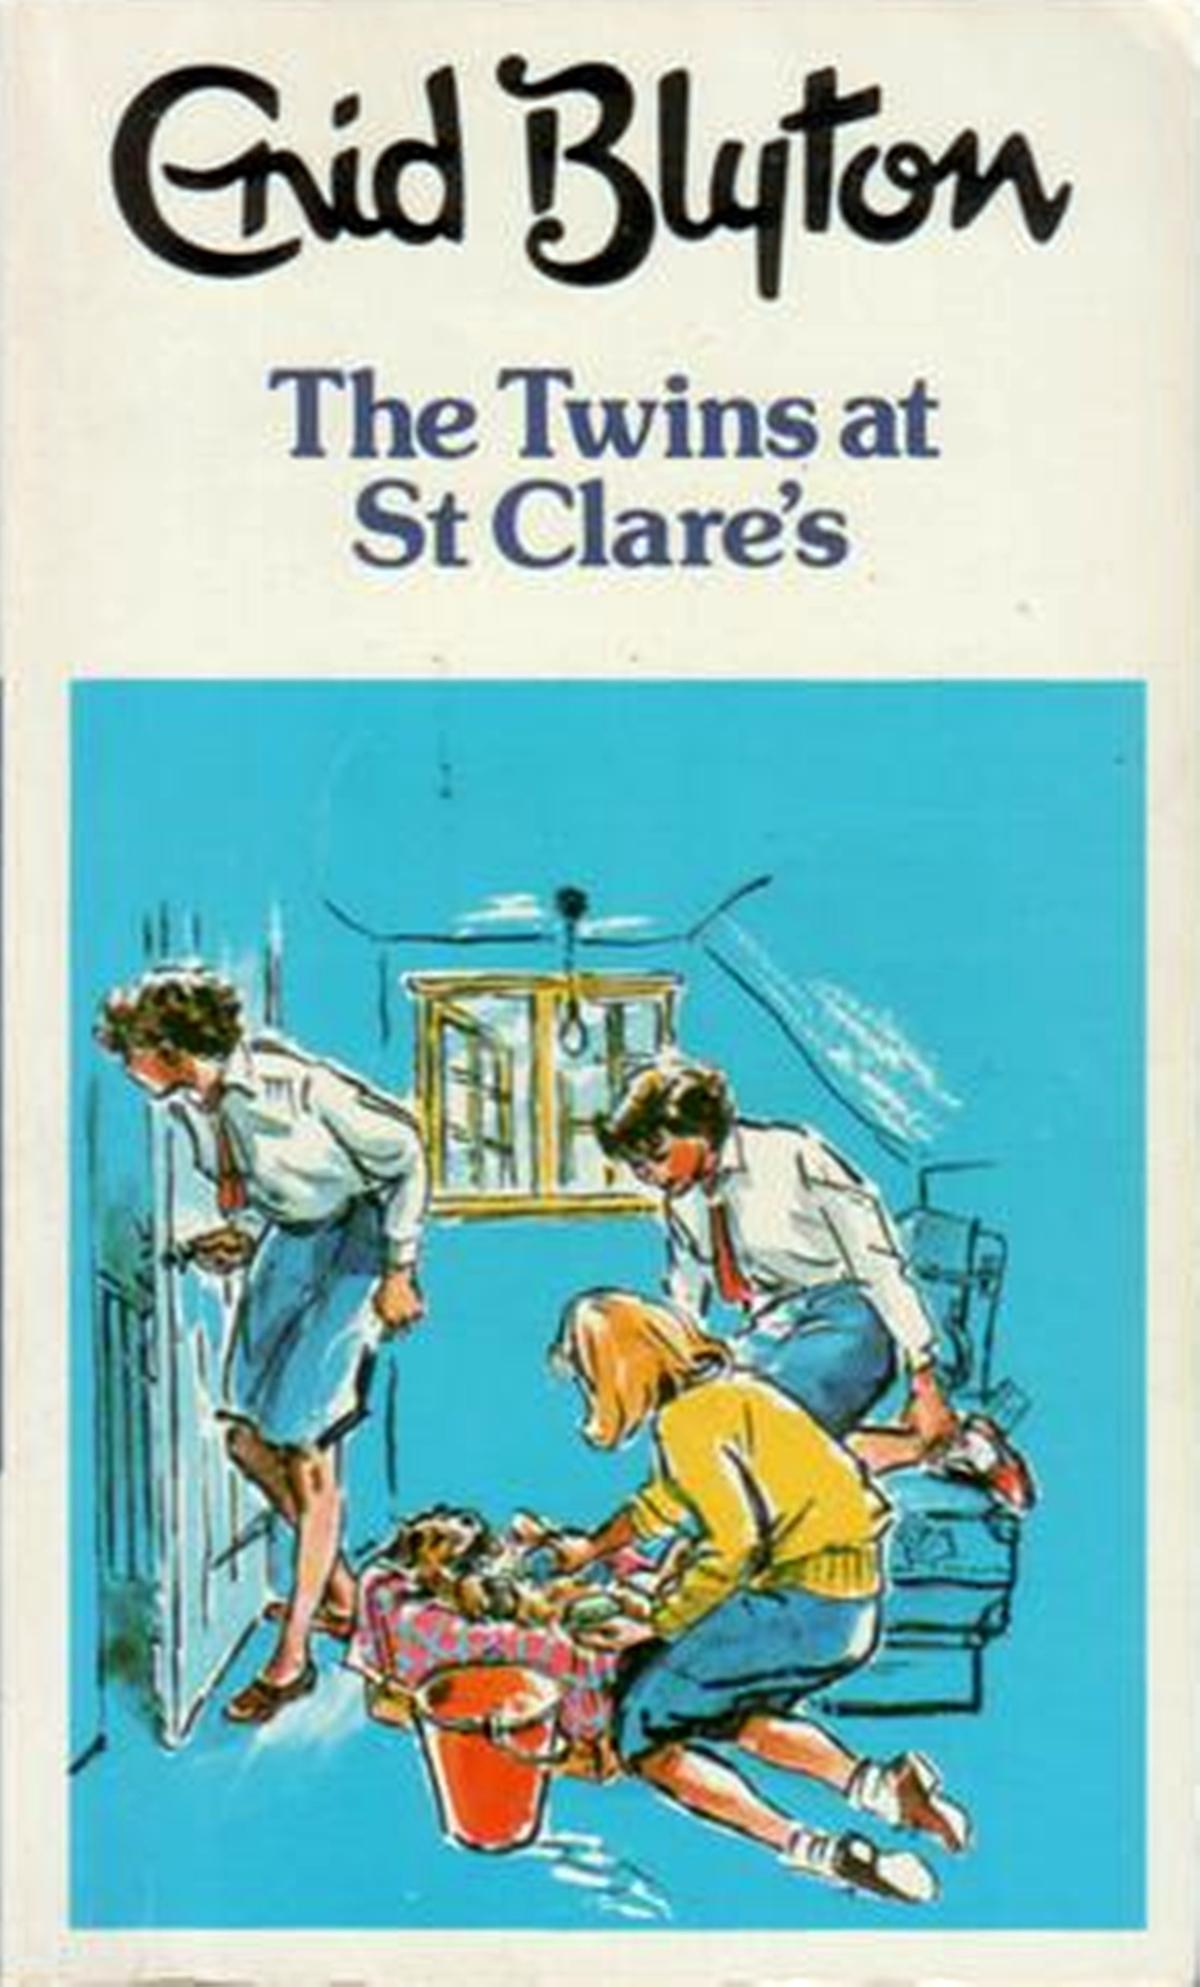 10 14 12 Enid Blyton Books We Loved Reading As Children